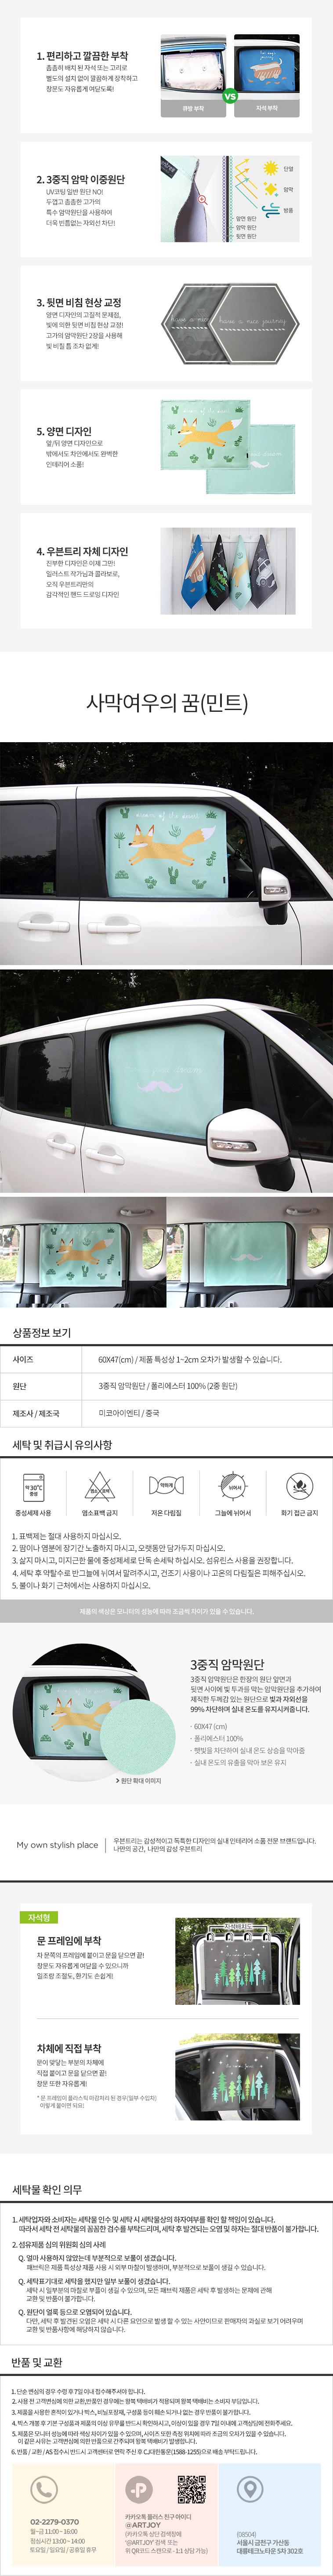 우븐트리 차량용 햇빛가리개 (자석형) 사막여우의 꿈 (민트) - 아트조이, 15,900원, 카인테리어, 햇빛가리개